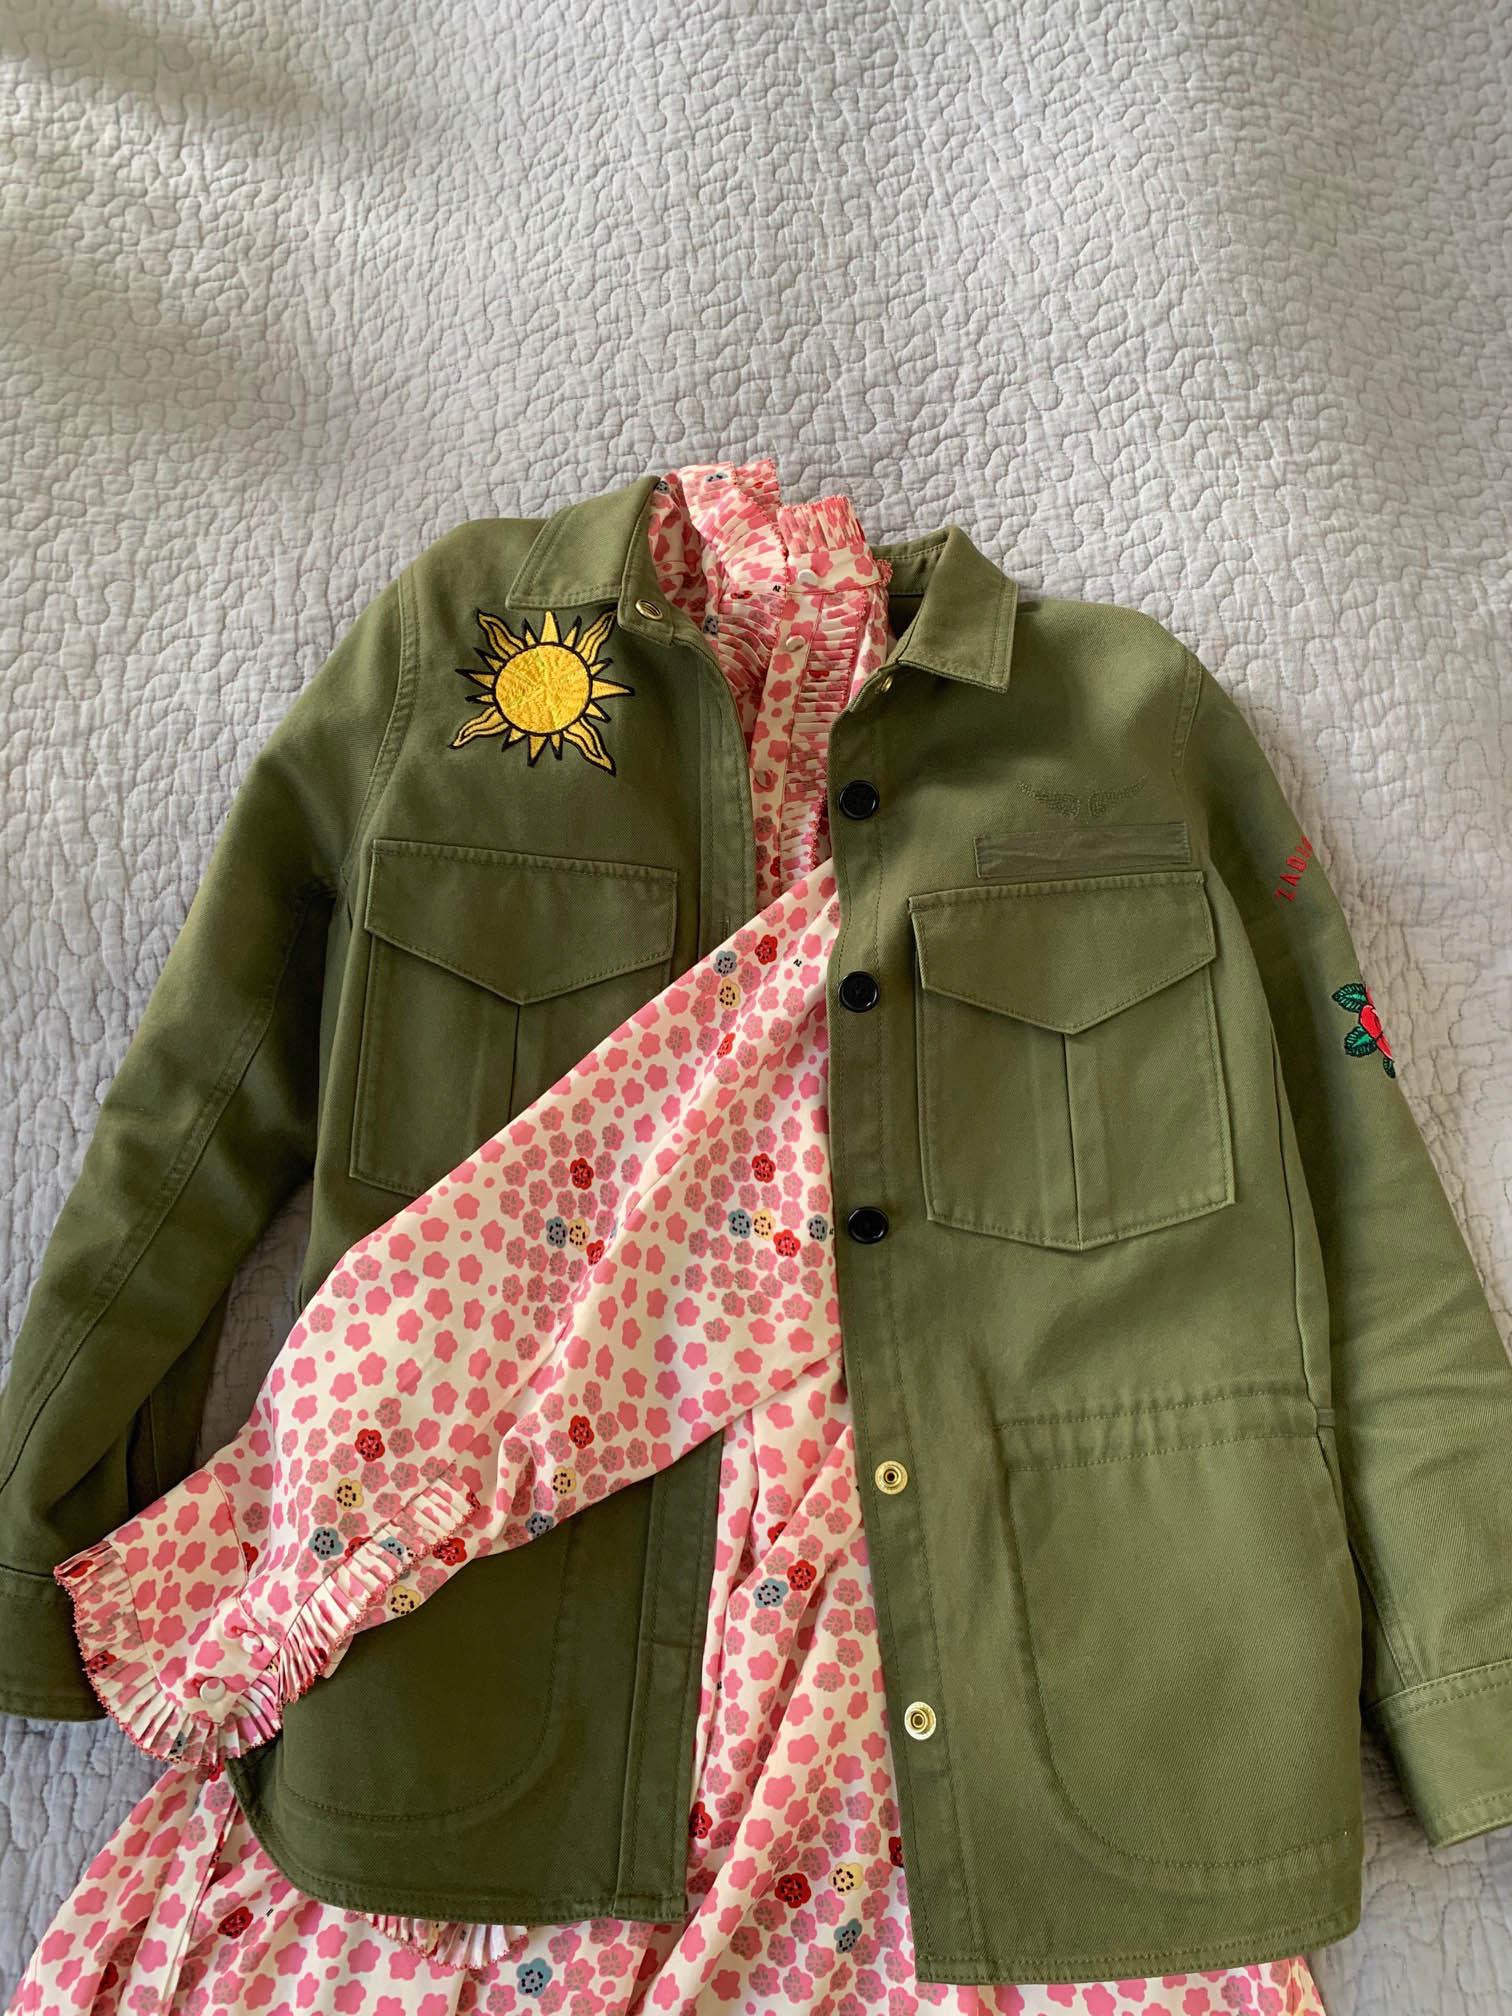 Oblečení od francouzské značky Zadig et Voltaire